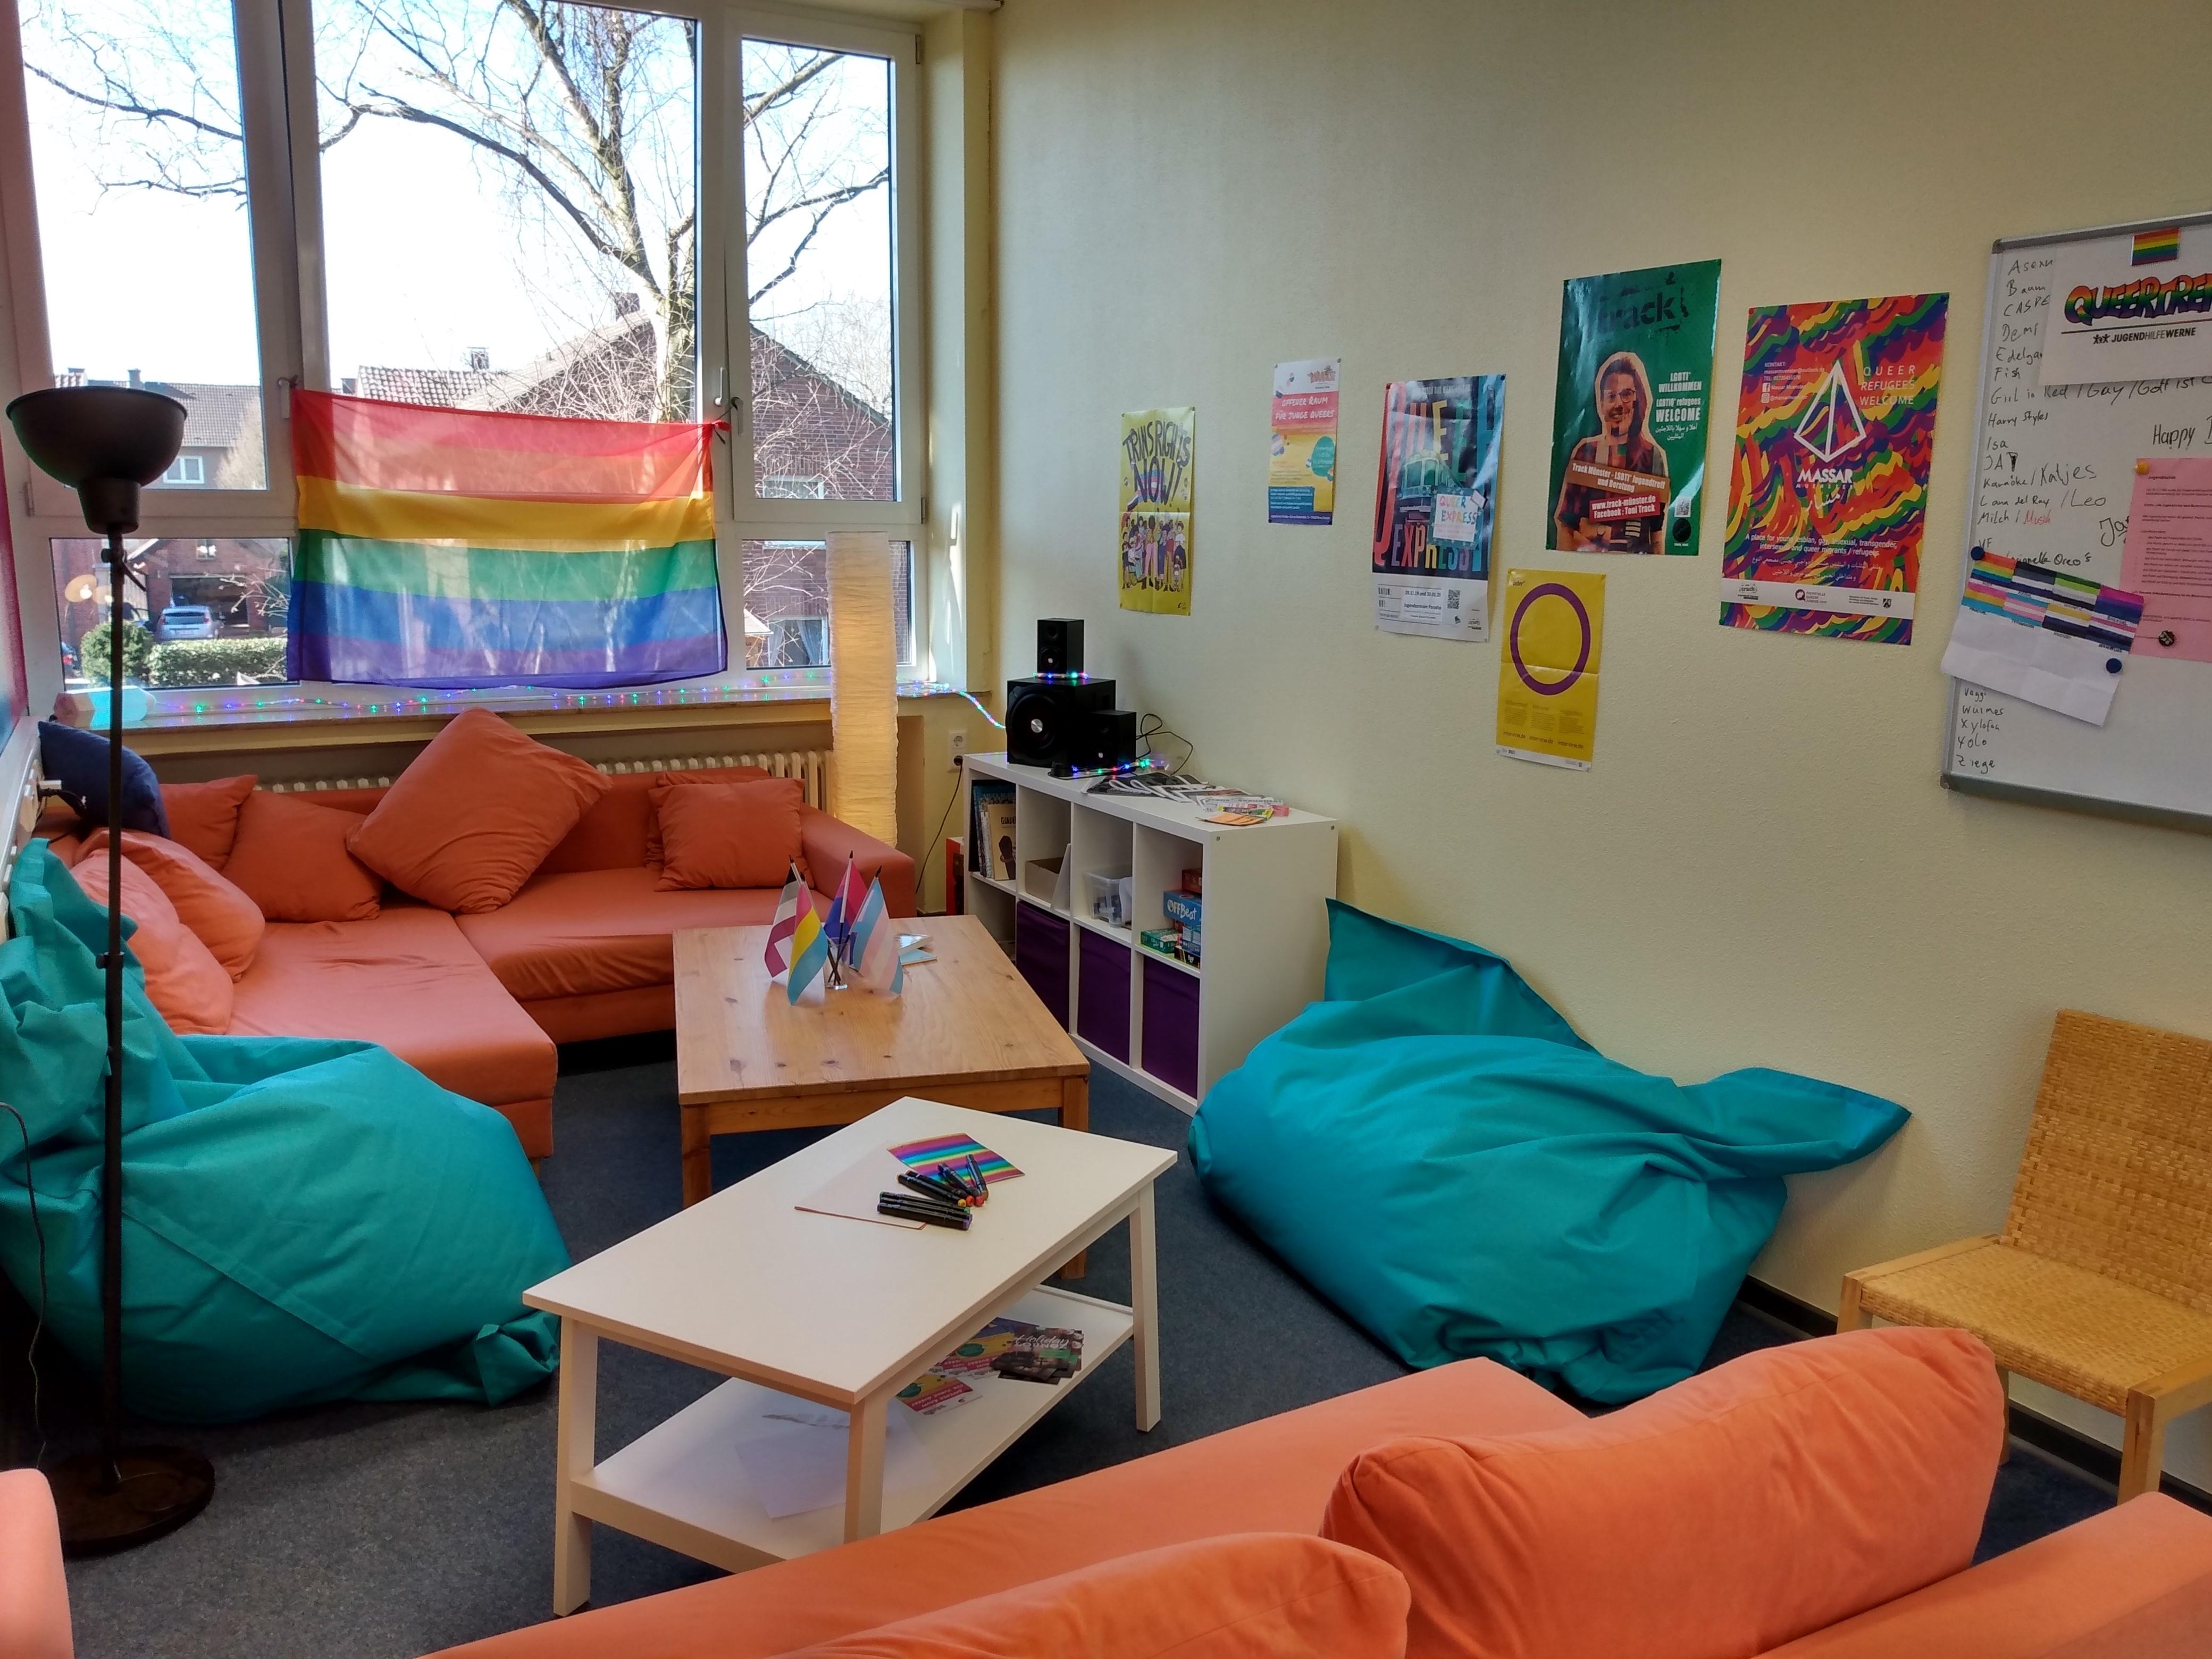 Das Bild zeigt eine terracotta farbende Couch vor der ein Tisch mit vielen verschiedenen Flyern steht